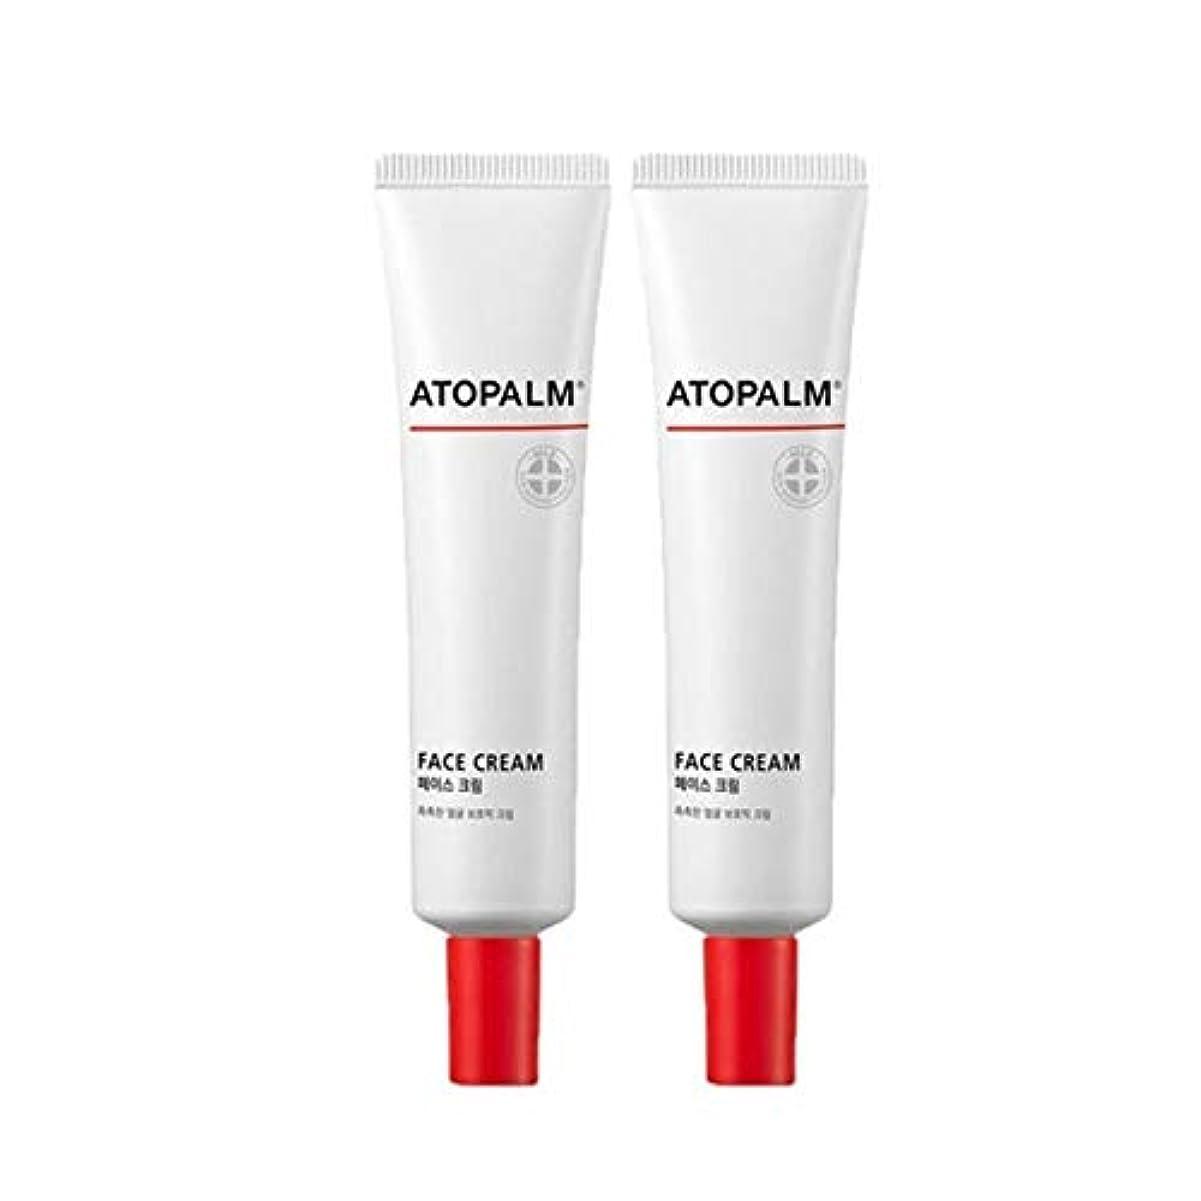 白い体操ドルアトパムフェイスクリーム35mlx2本セット韓国コスメ、Atopalm Face Cream 35ml x 2ea Set Korean Cosmetics [並行輸入品]